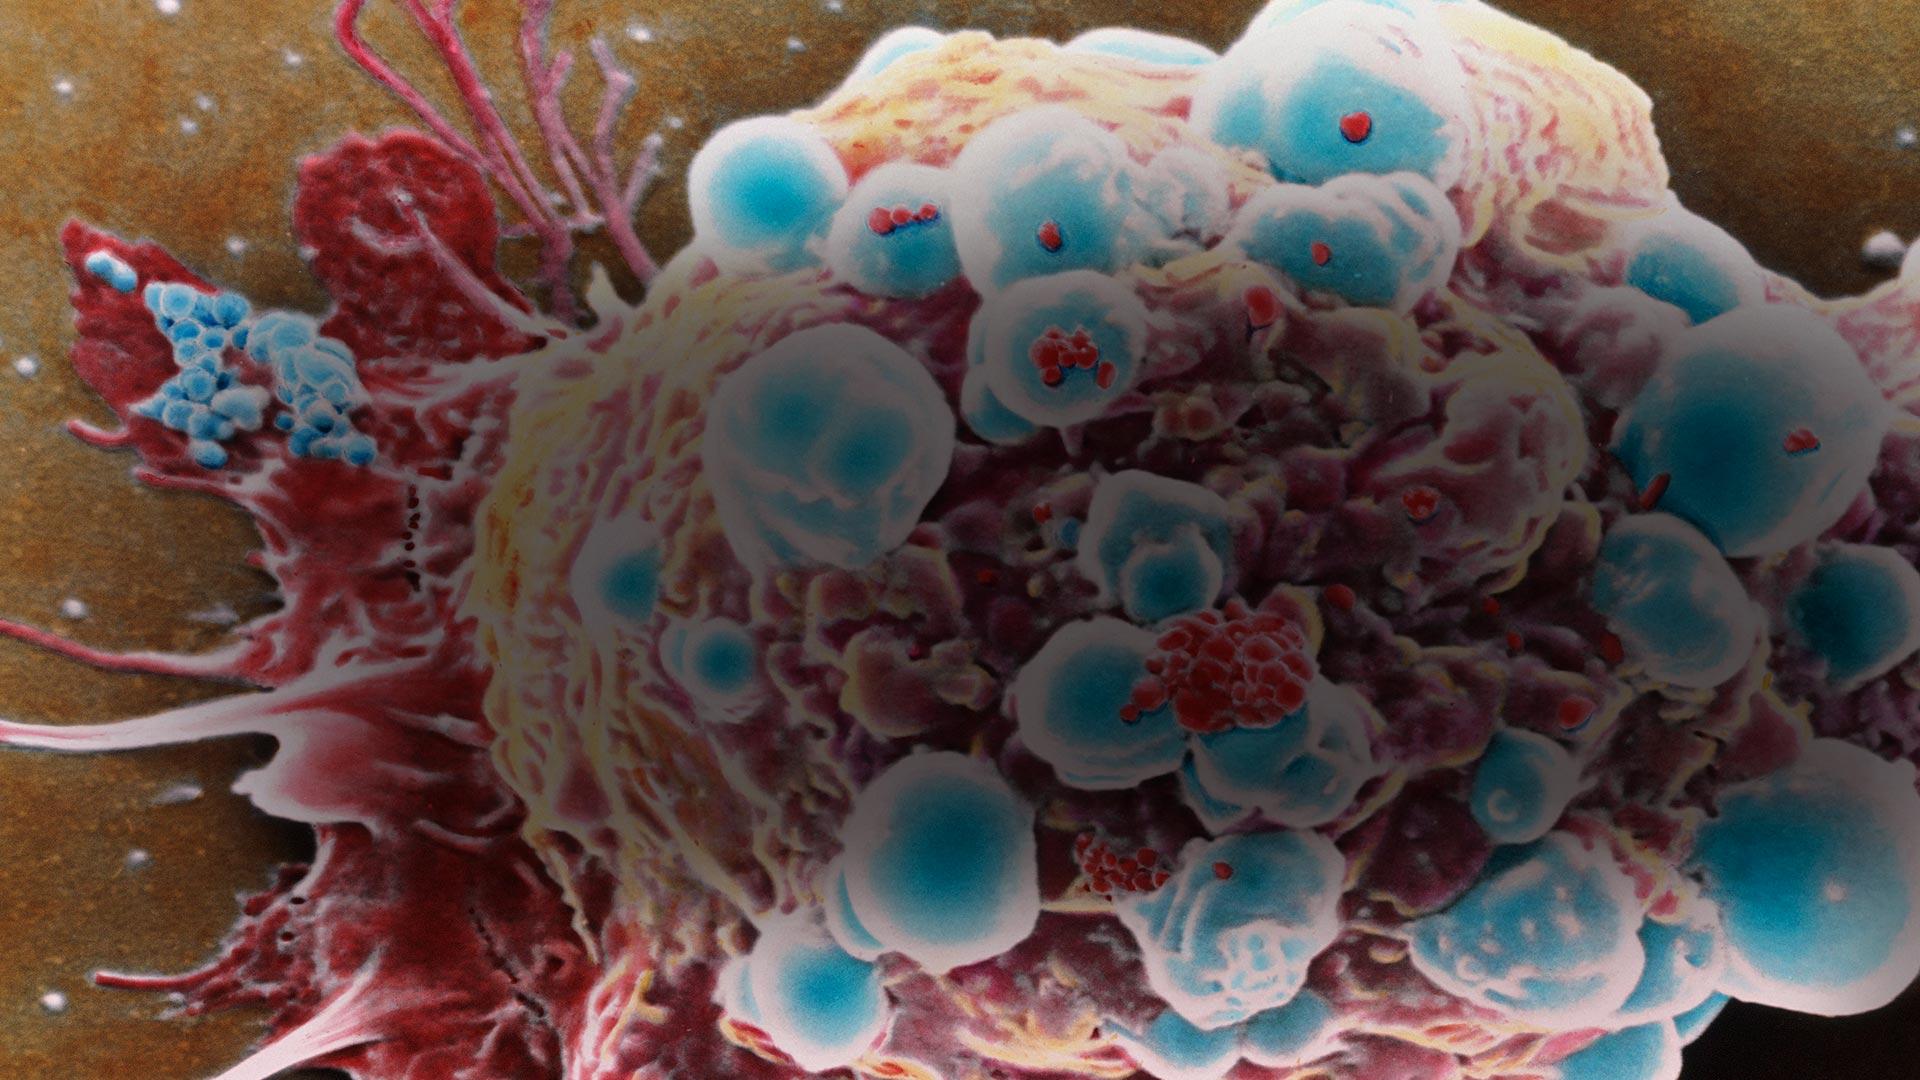 9 نکته که ممکن است در مورد سرطان ندانید